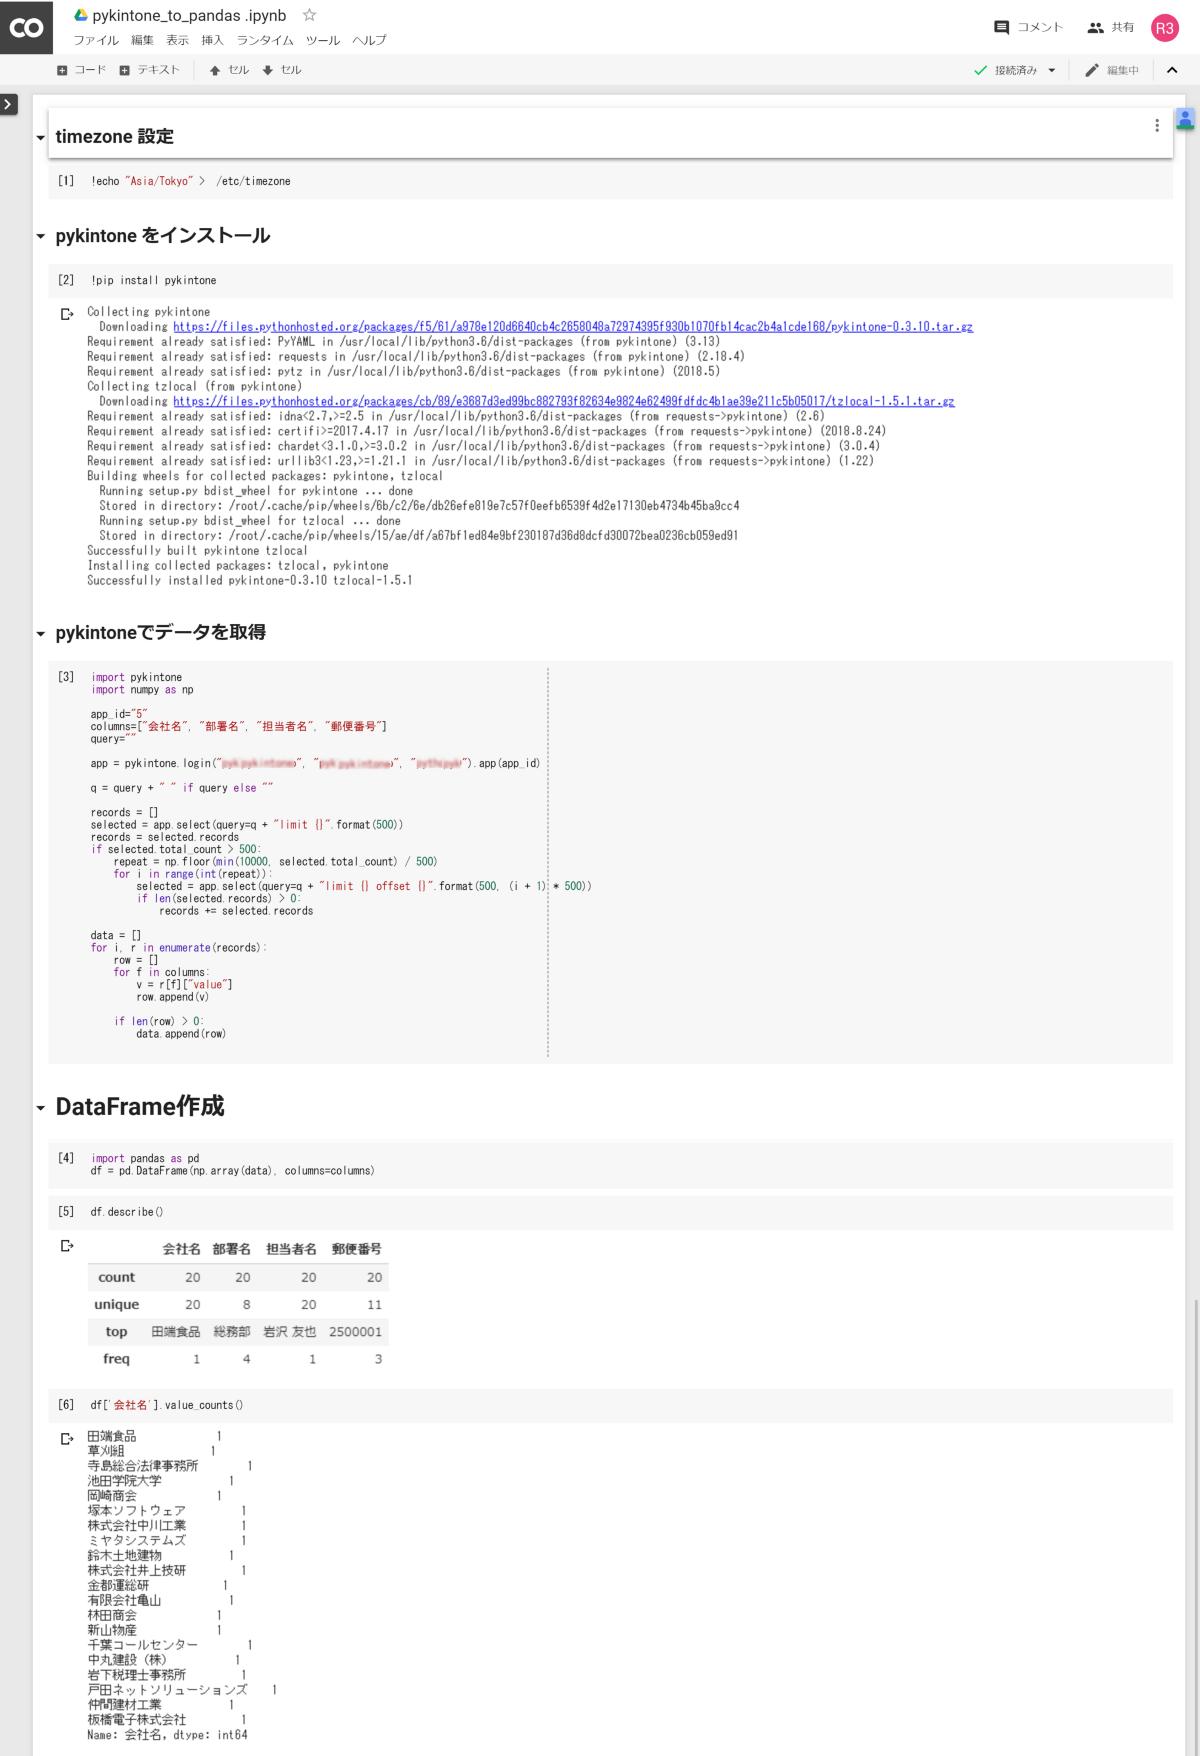 kintone のデータを取得して DataFrame を作成する例